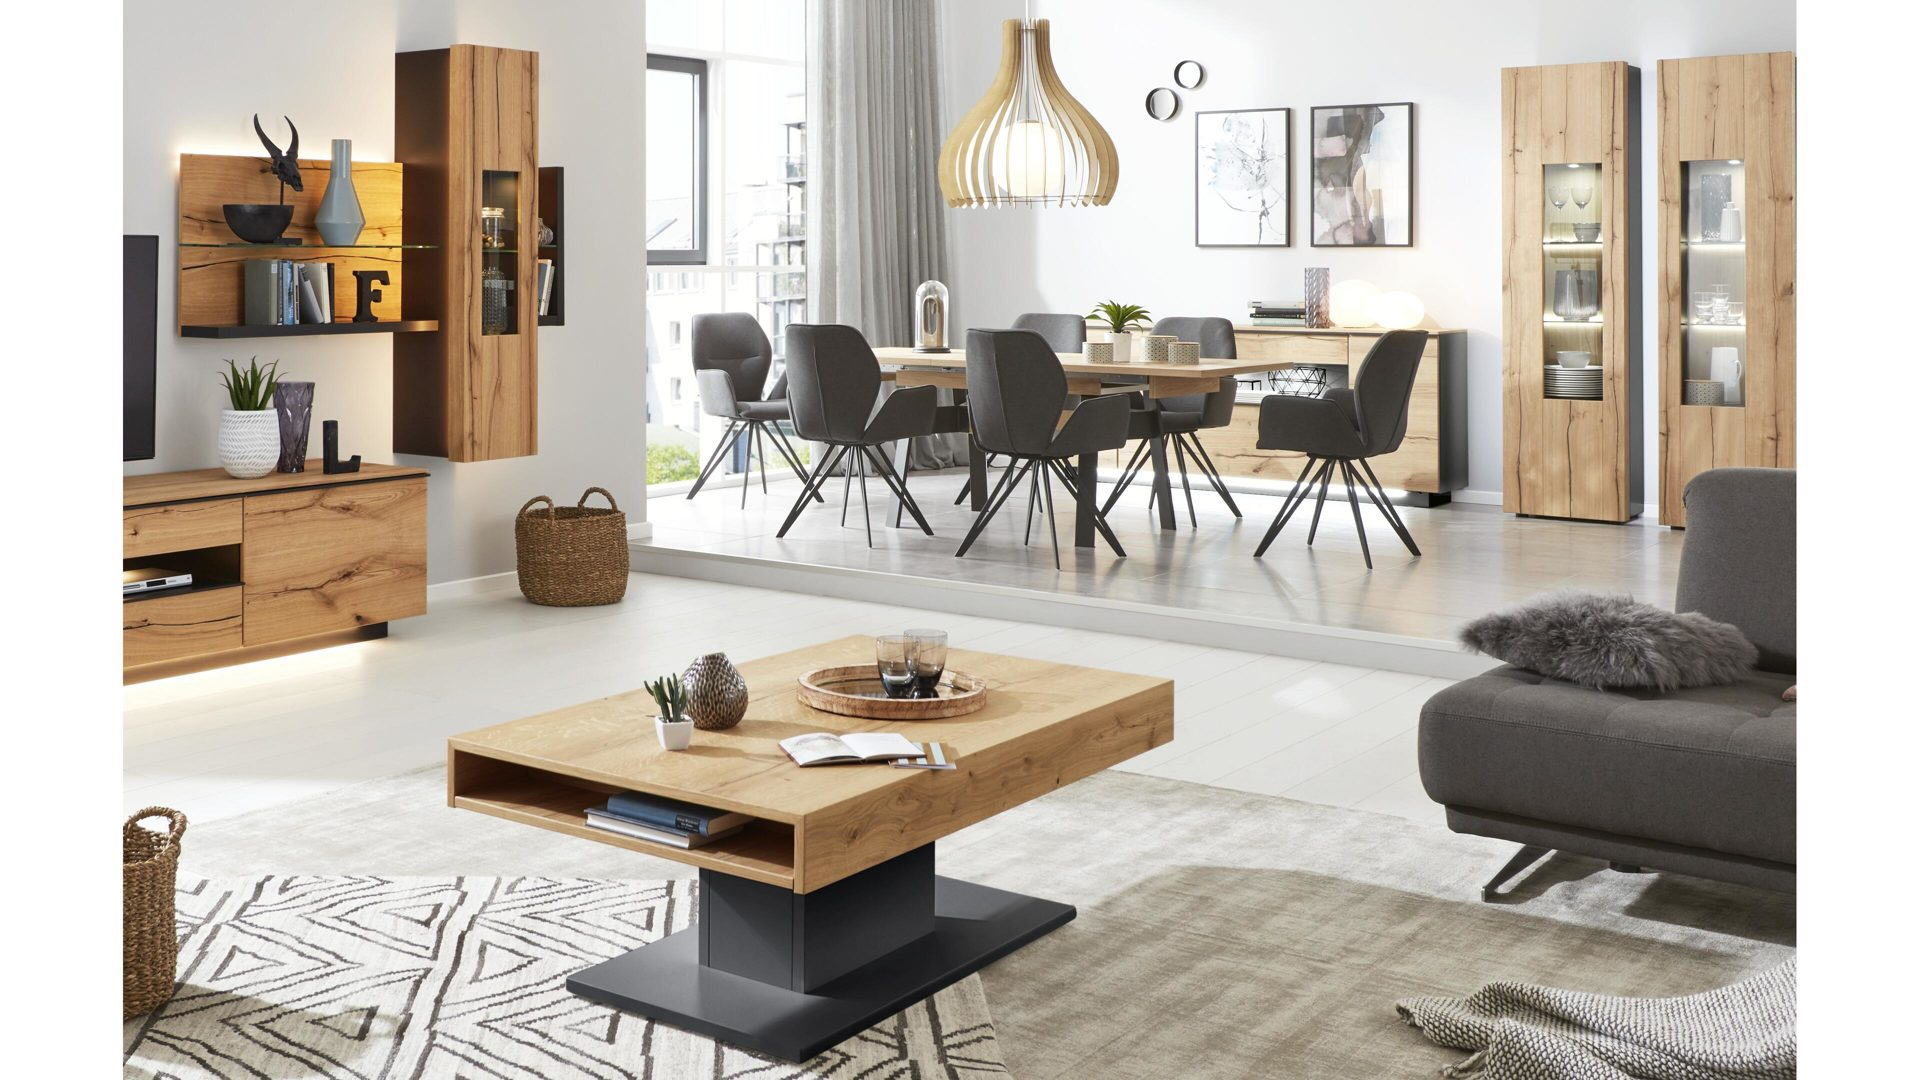 Interliving Wohnzimmer Serie 2103 – Couchtisch, schieferschwarzer ...